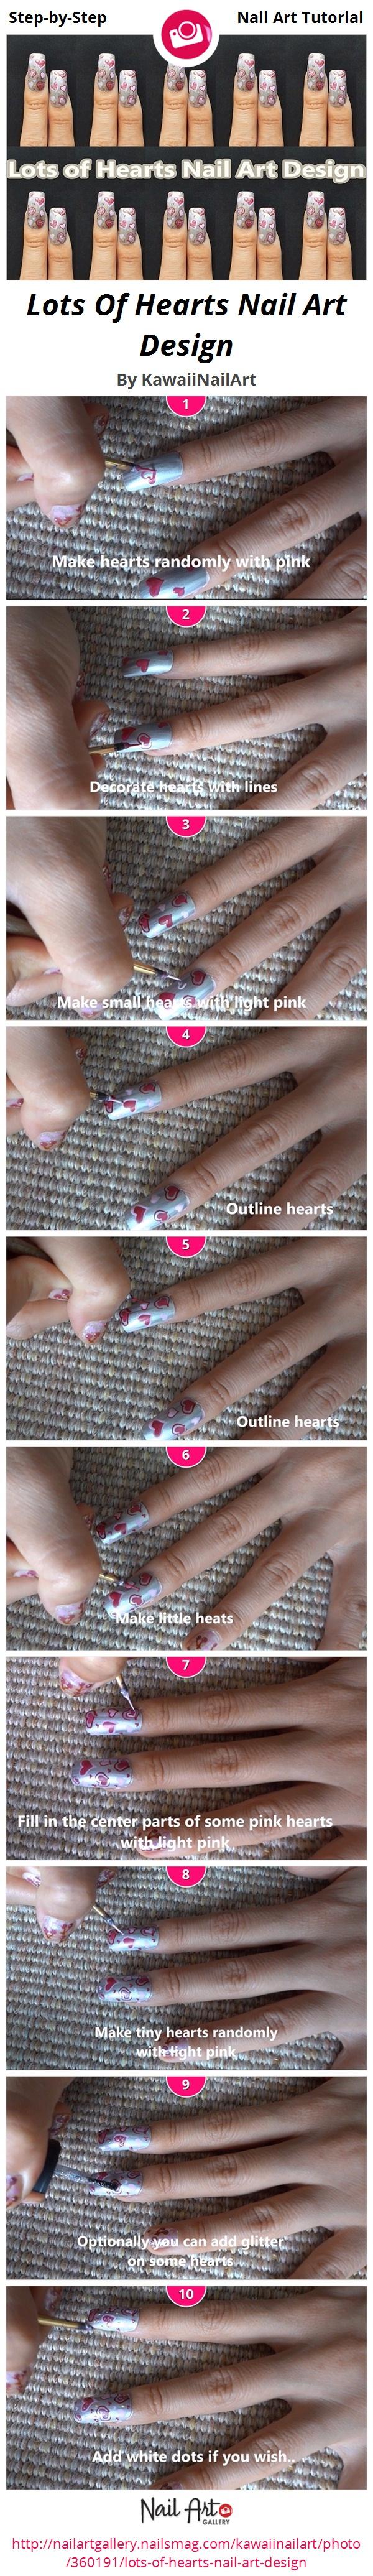 Lots Of Hearts Nail Art Design - Nail Art Gallery